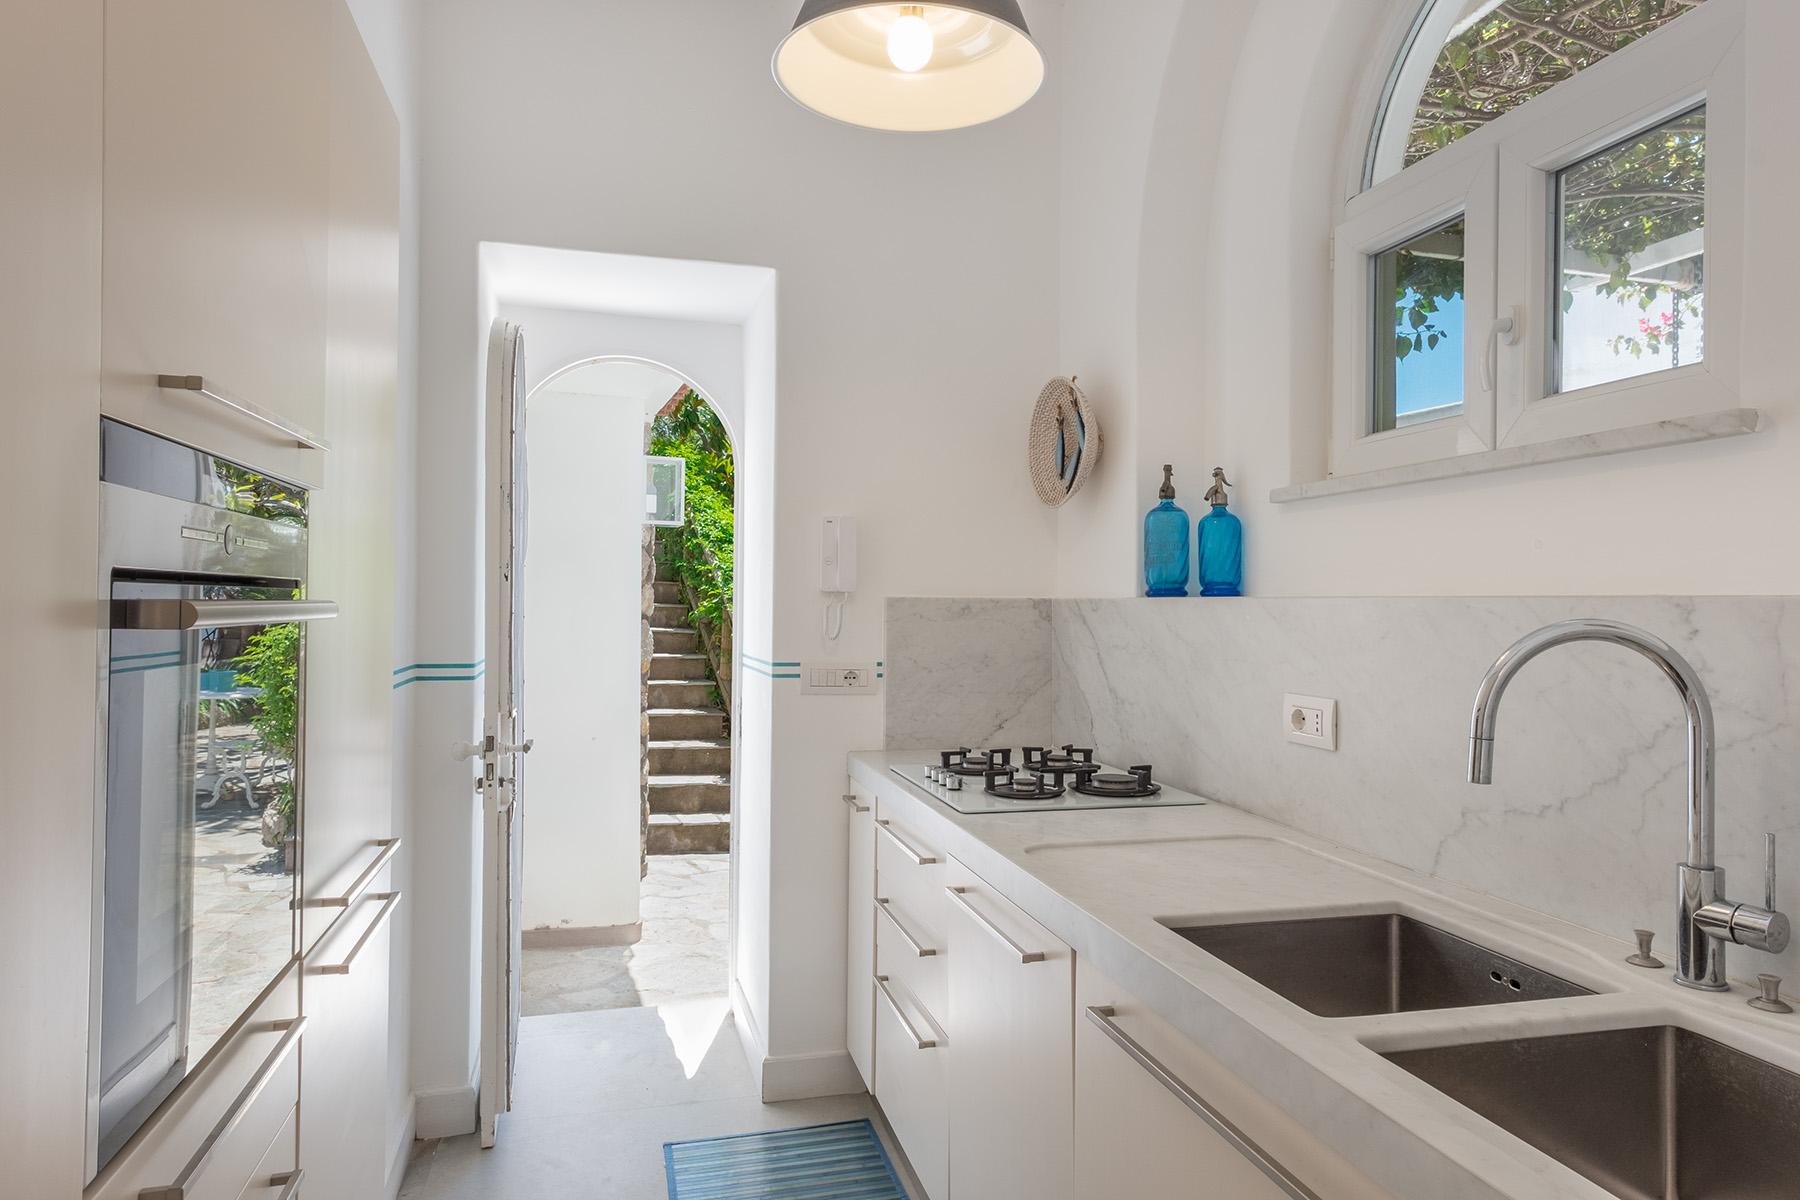 Appartamento in Vendita a Capri: 4 locali, 100 mq - Foto 7